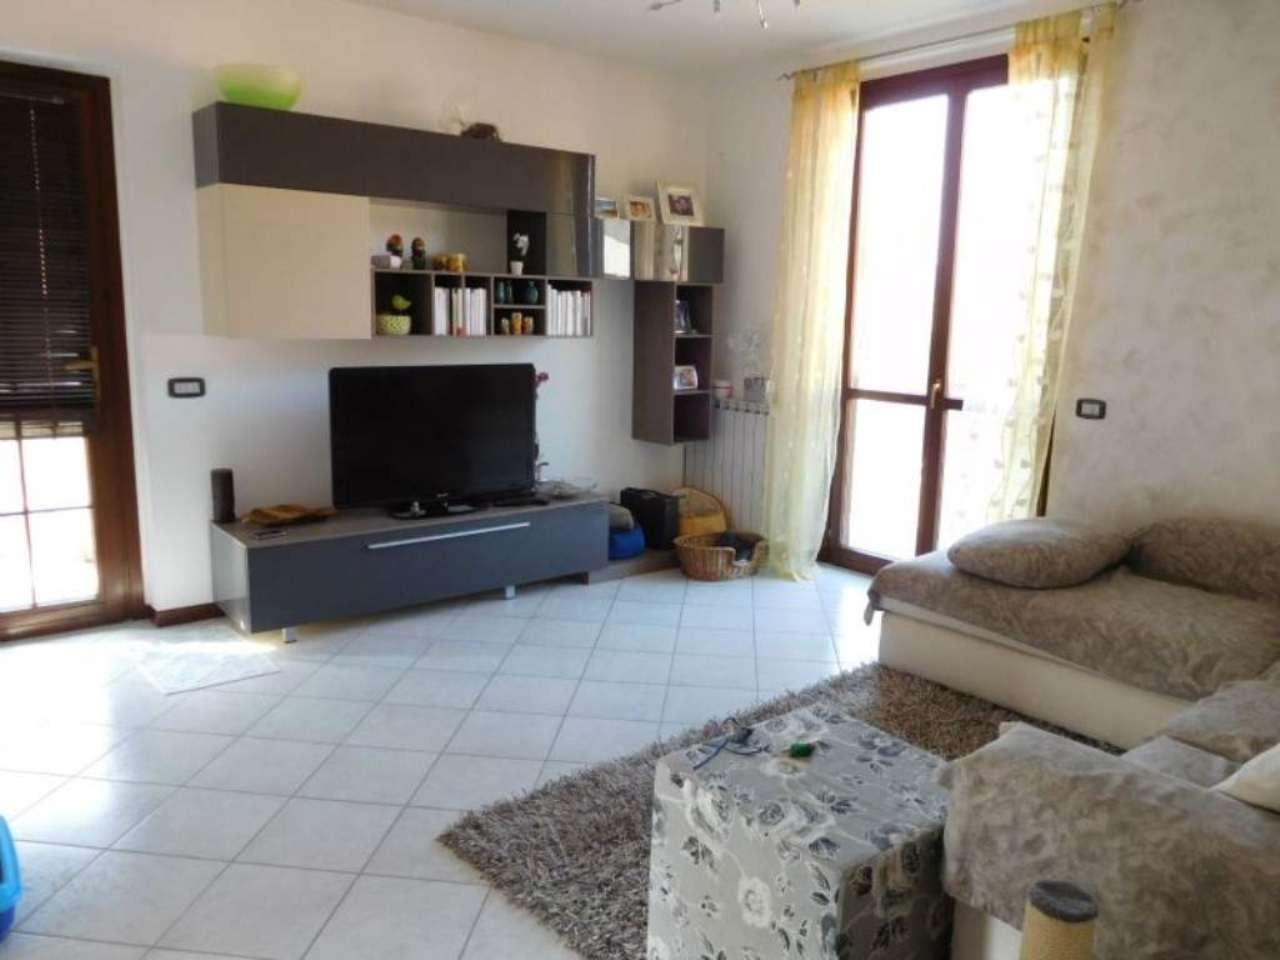 Appartamento in vendita a San Paolo d'Argon, 3 locali, prezzo € 152.000 | Cambio Casa.it